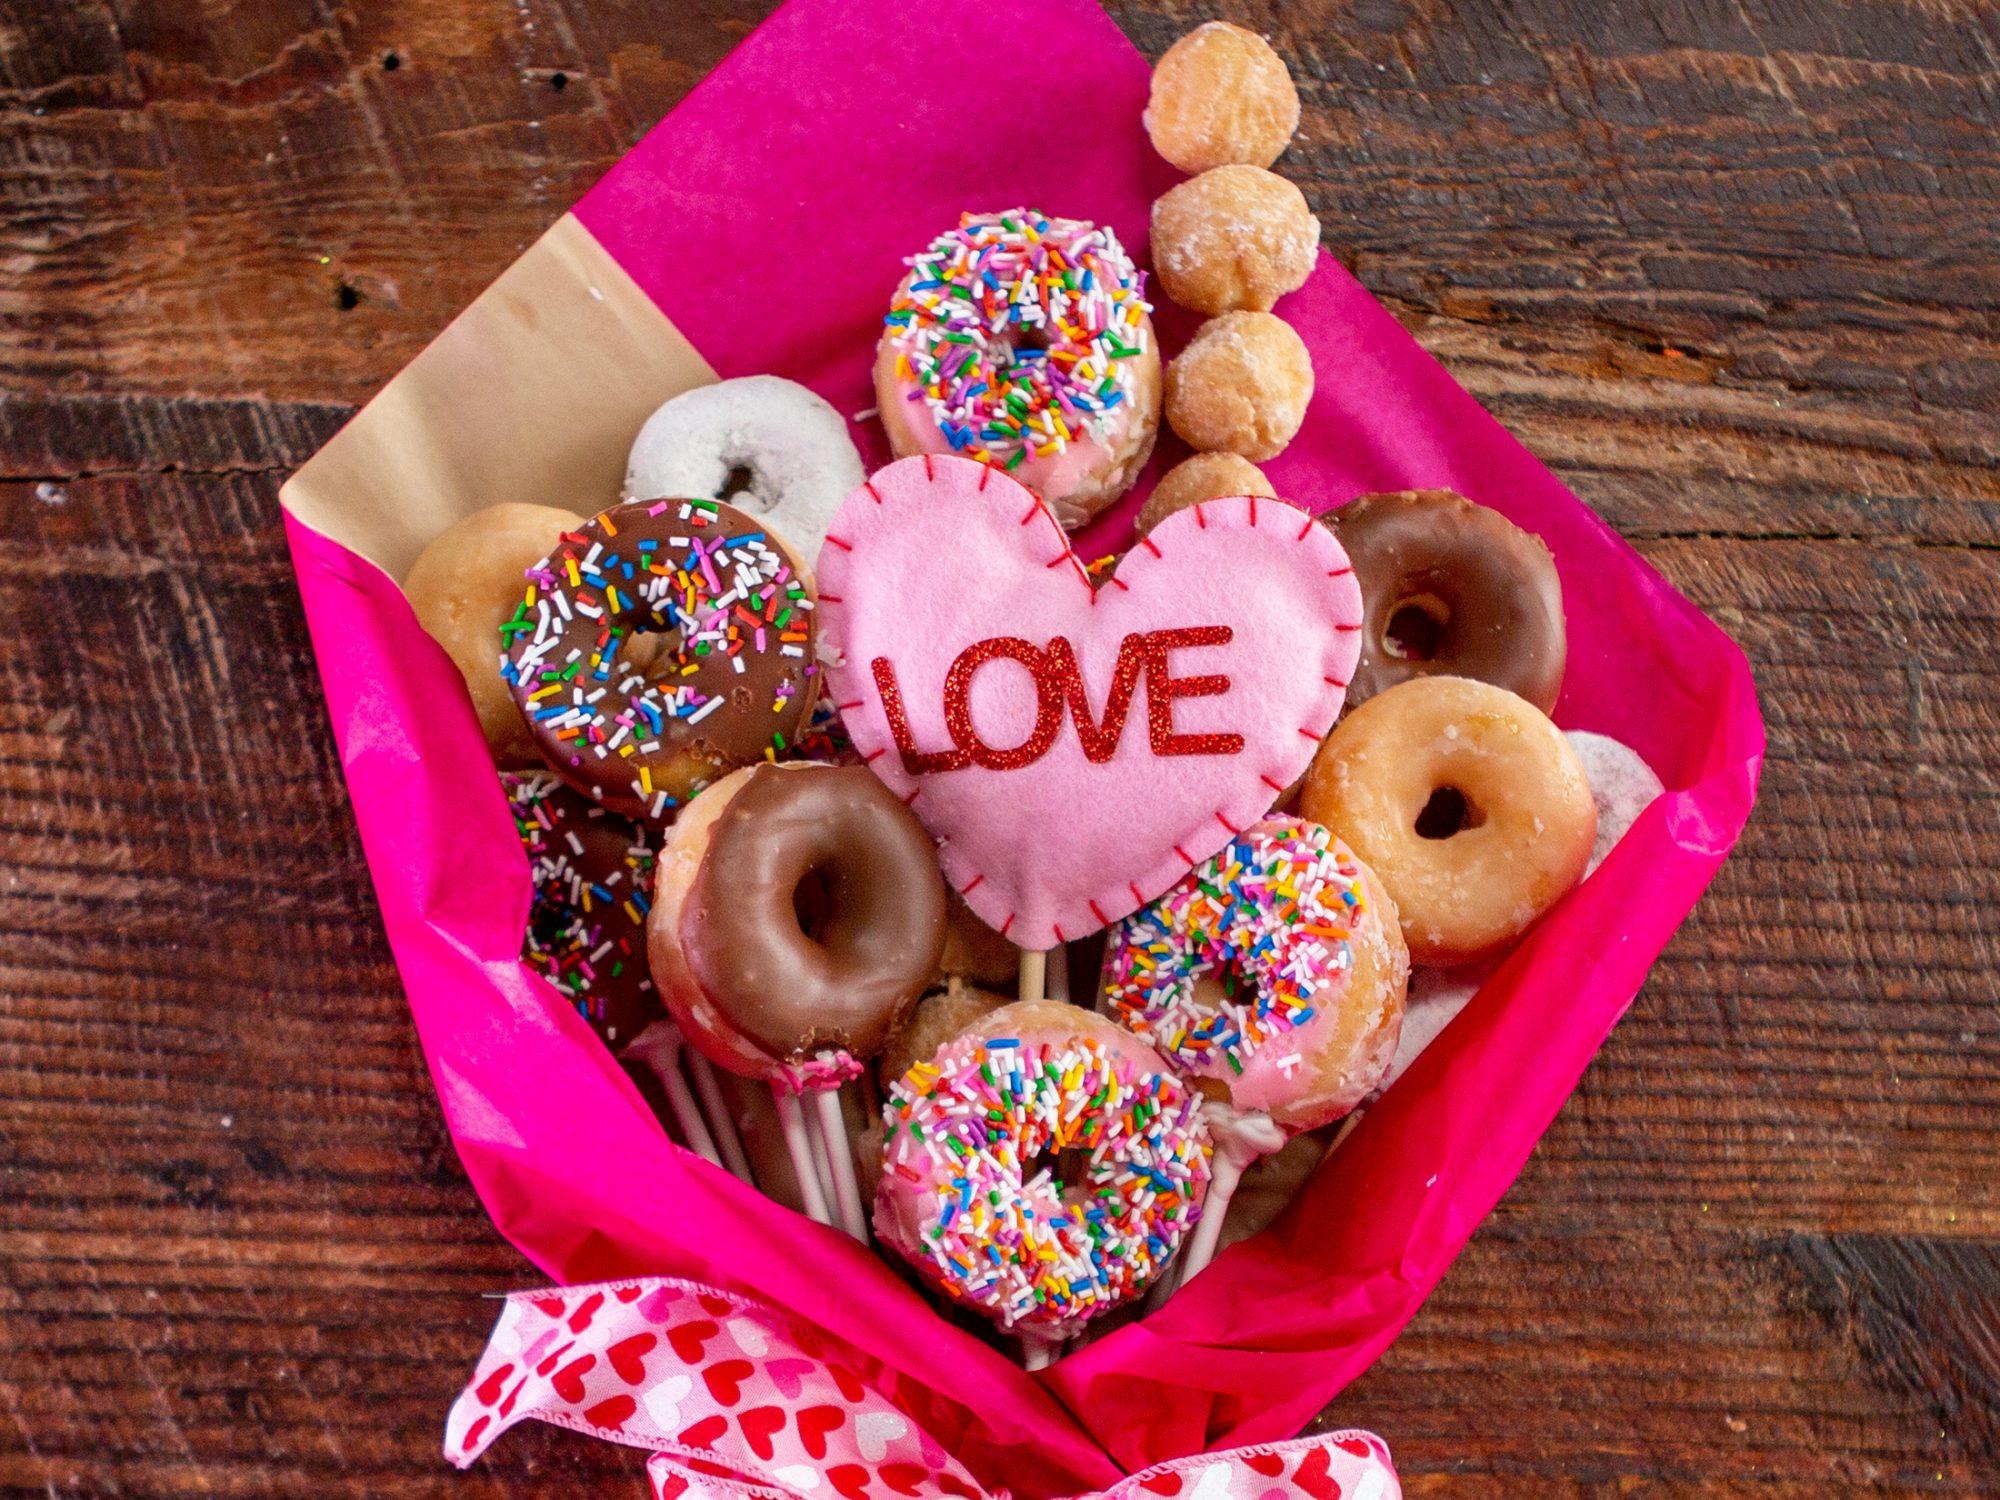 Donut Bouquet image